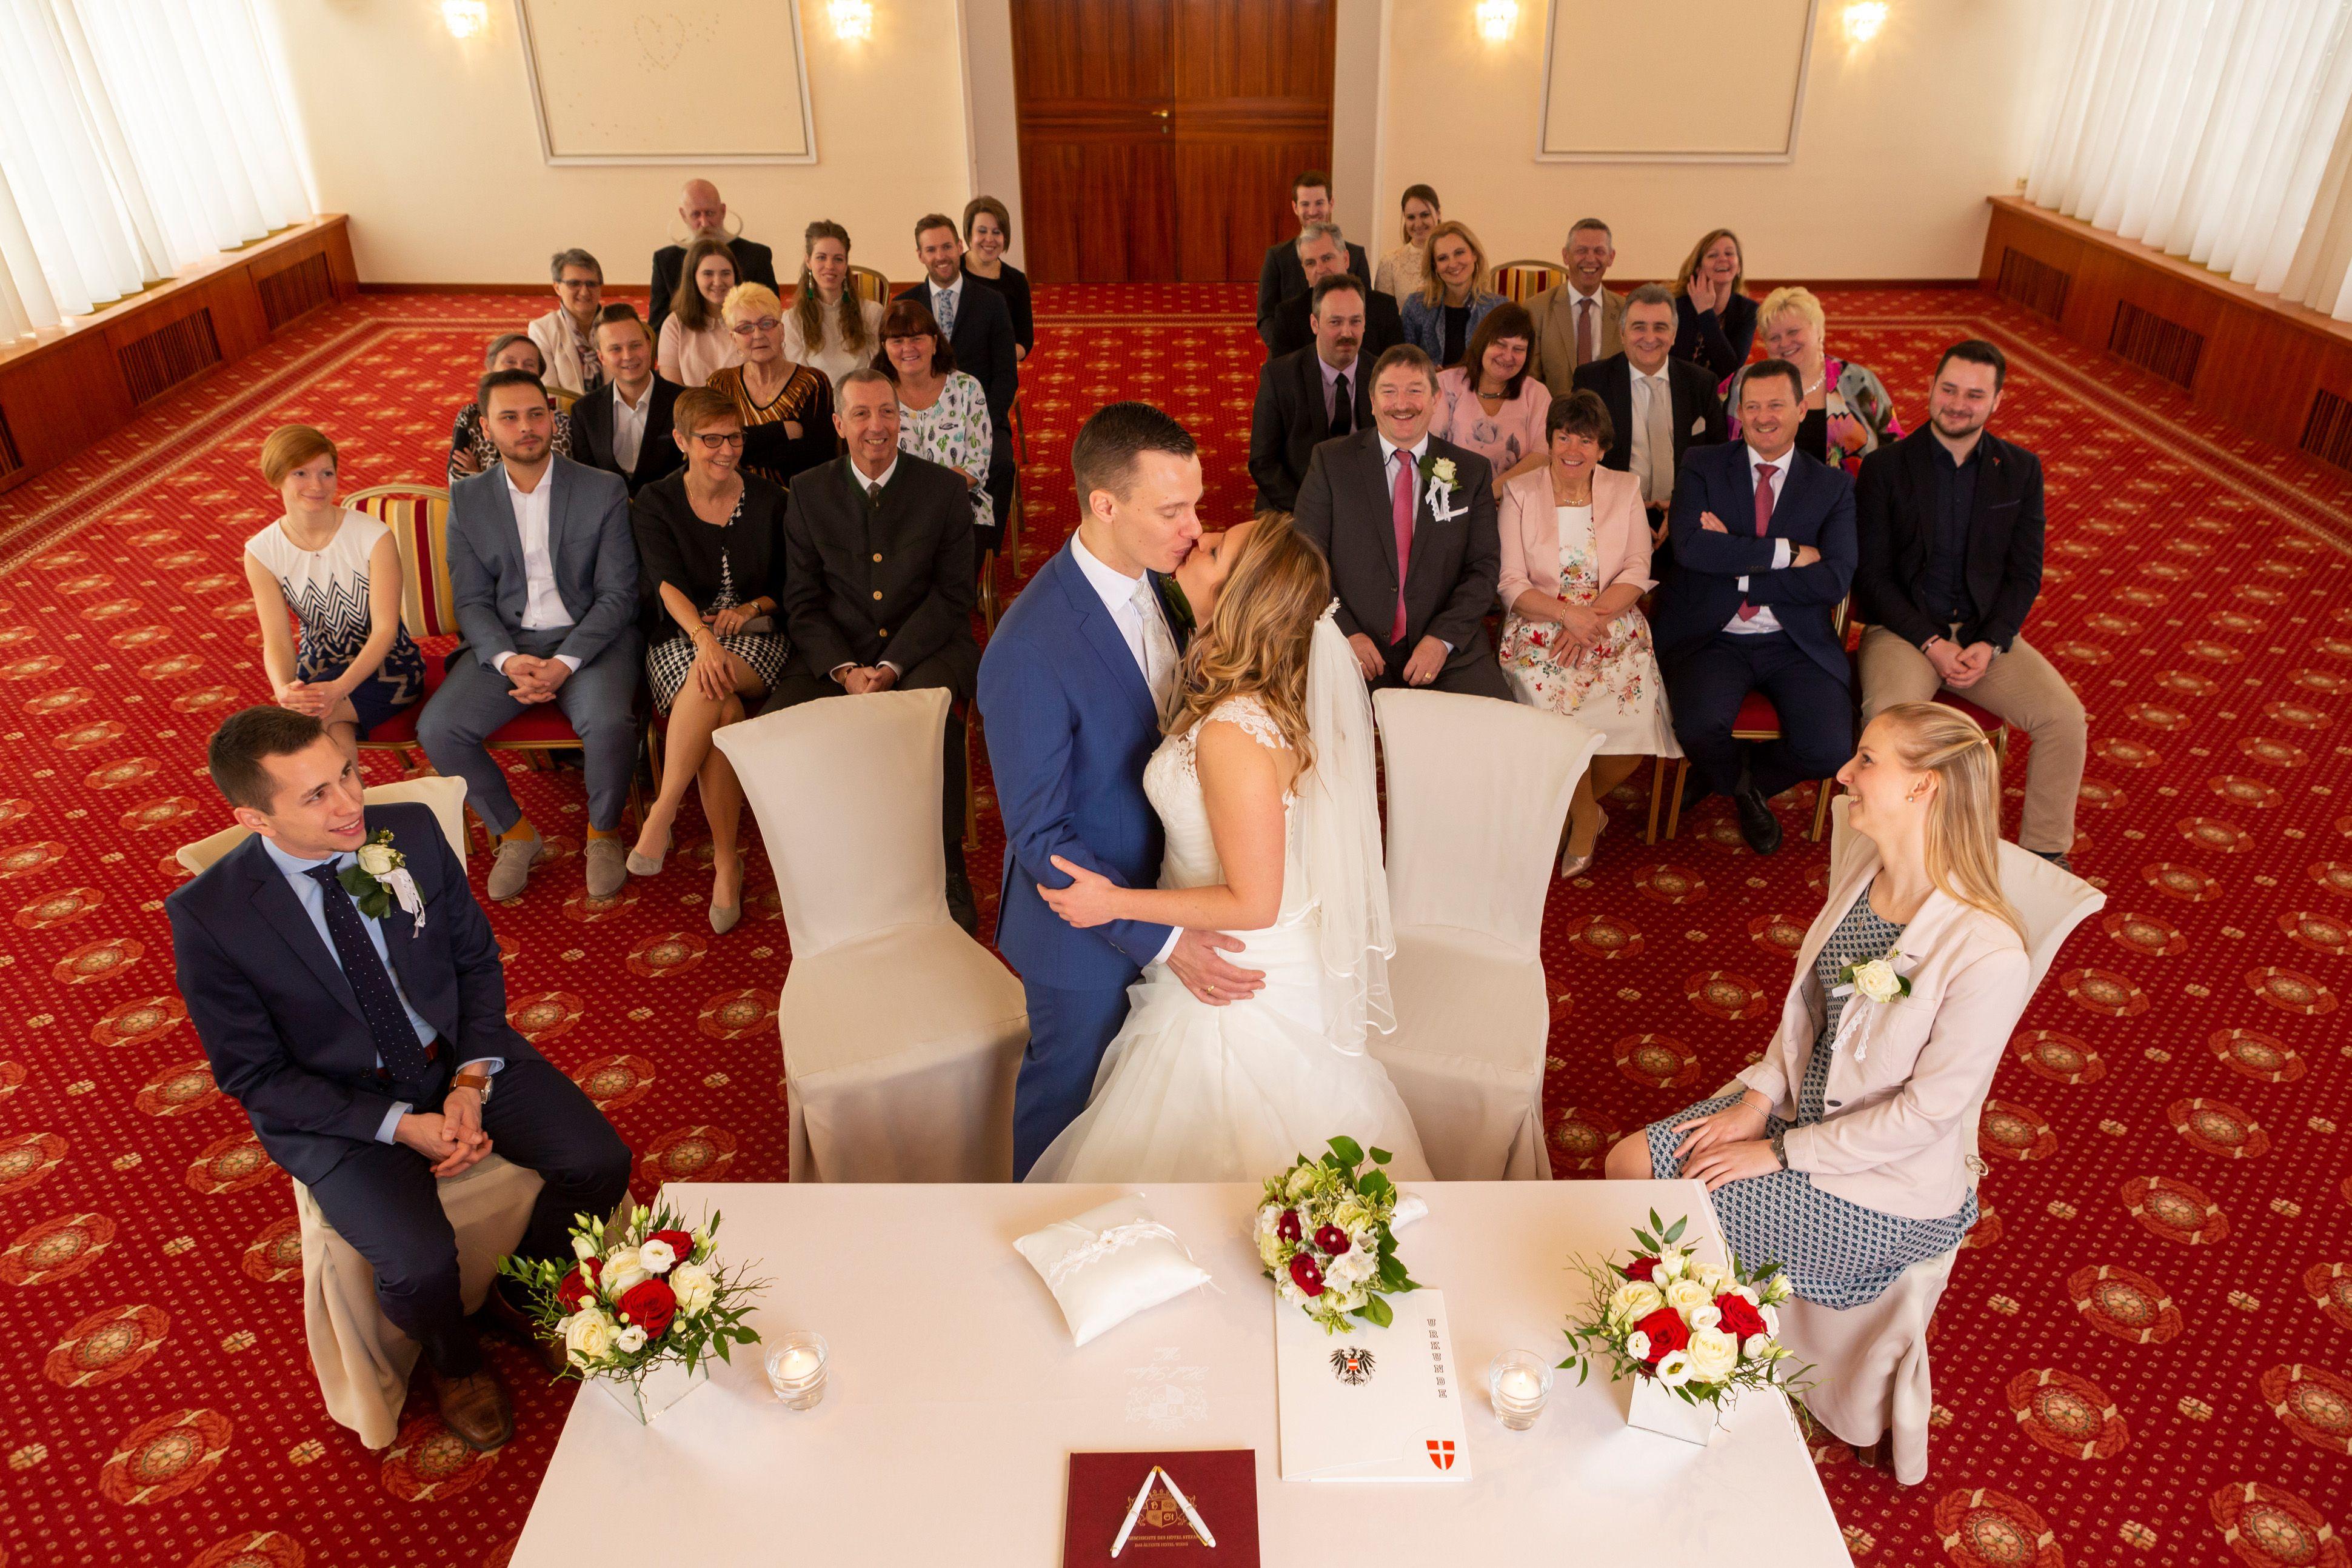 Von Der Standesamtlichen Trauung Bis Zur Hochzeitsnacht Alles Aus Einer Hand Hochzeit Hochzeit Feiern Hochzeitsnacht